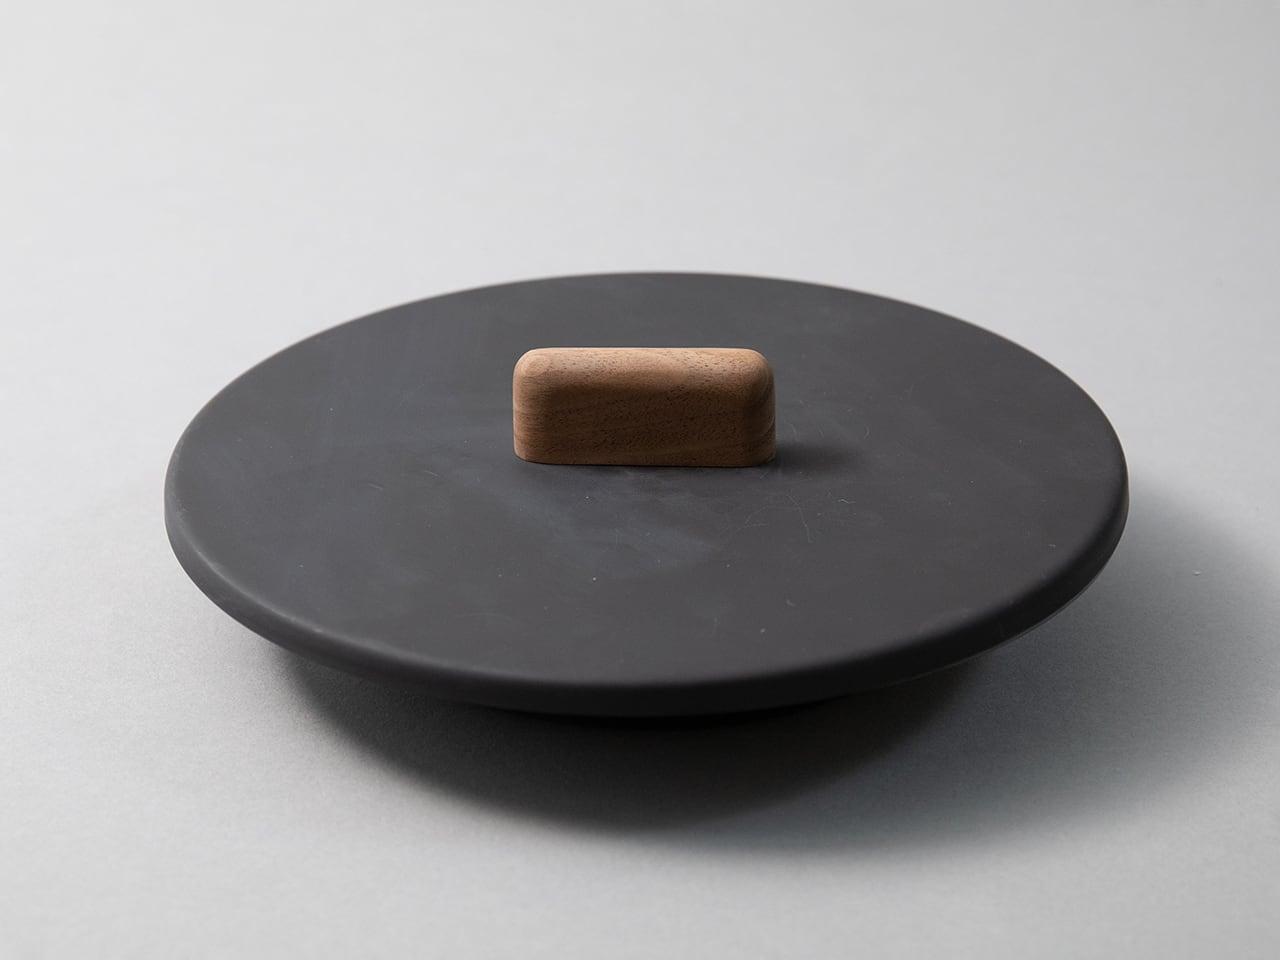 専用フタ(ウォルナット)Mサイズ - FRYING PAN JIU